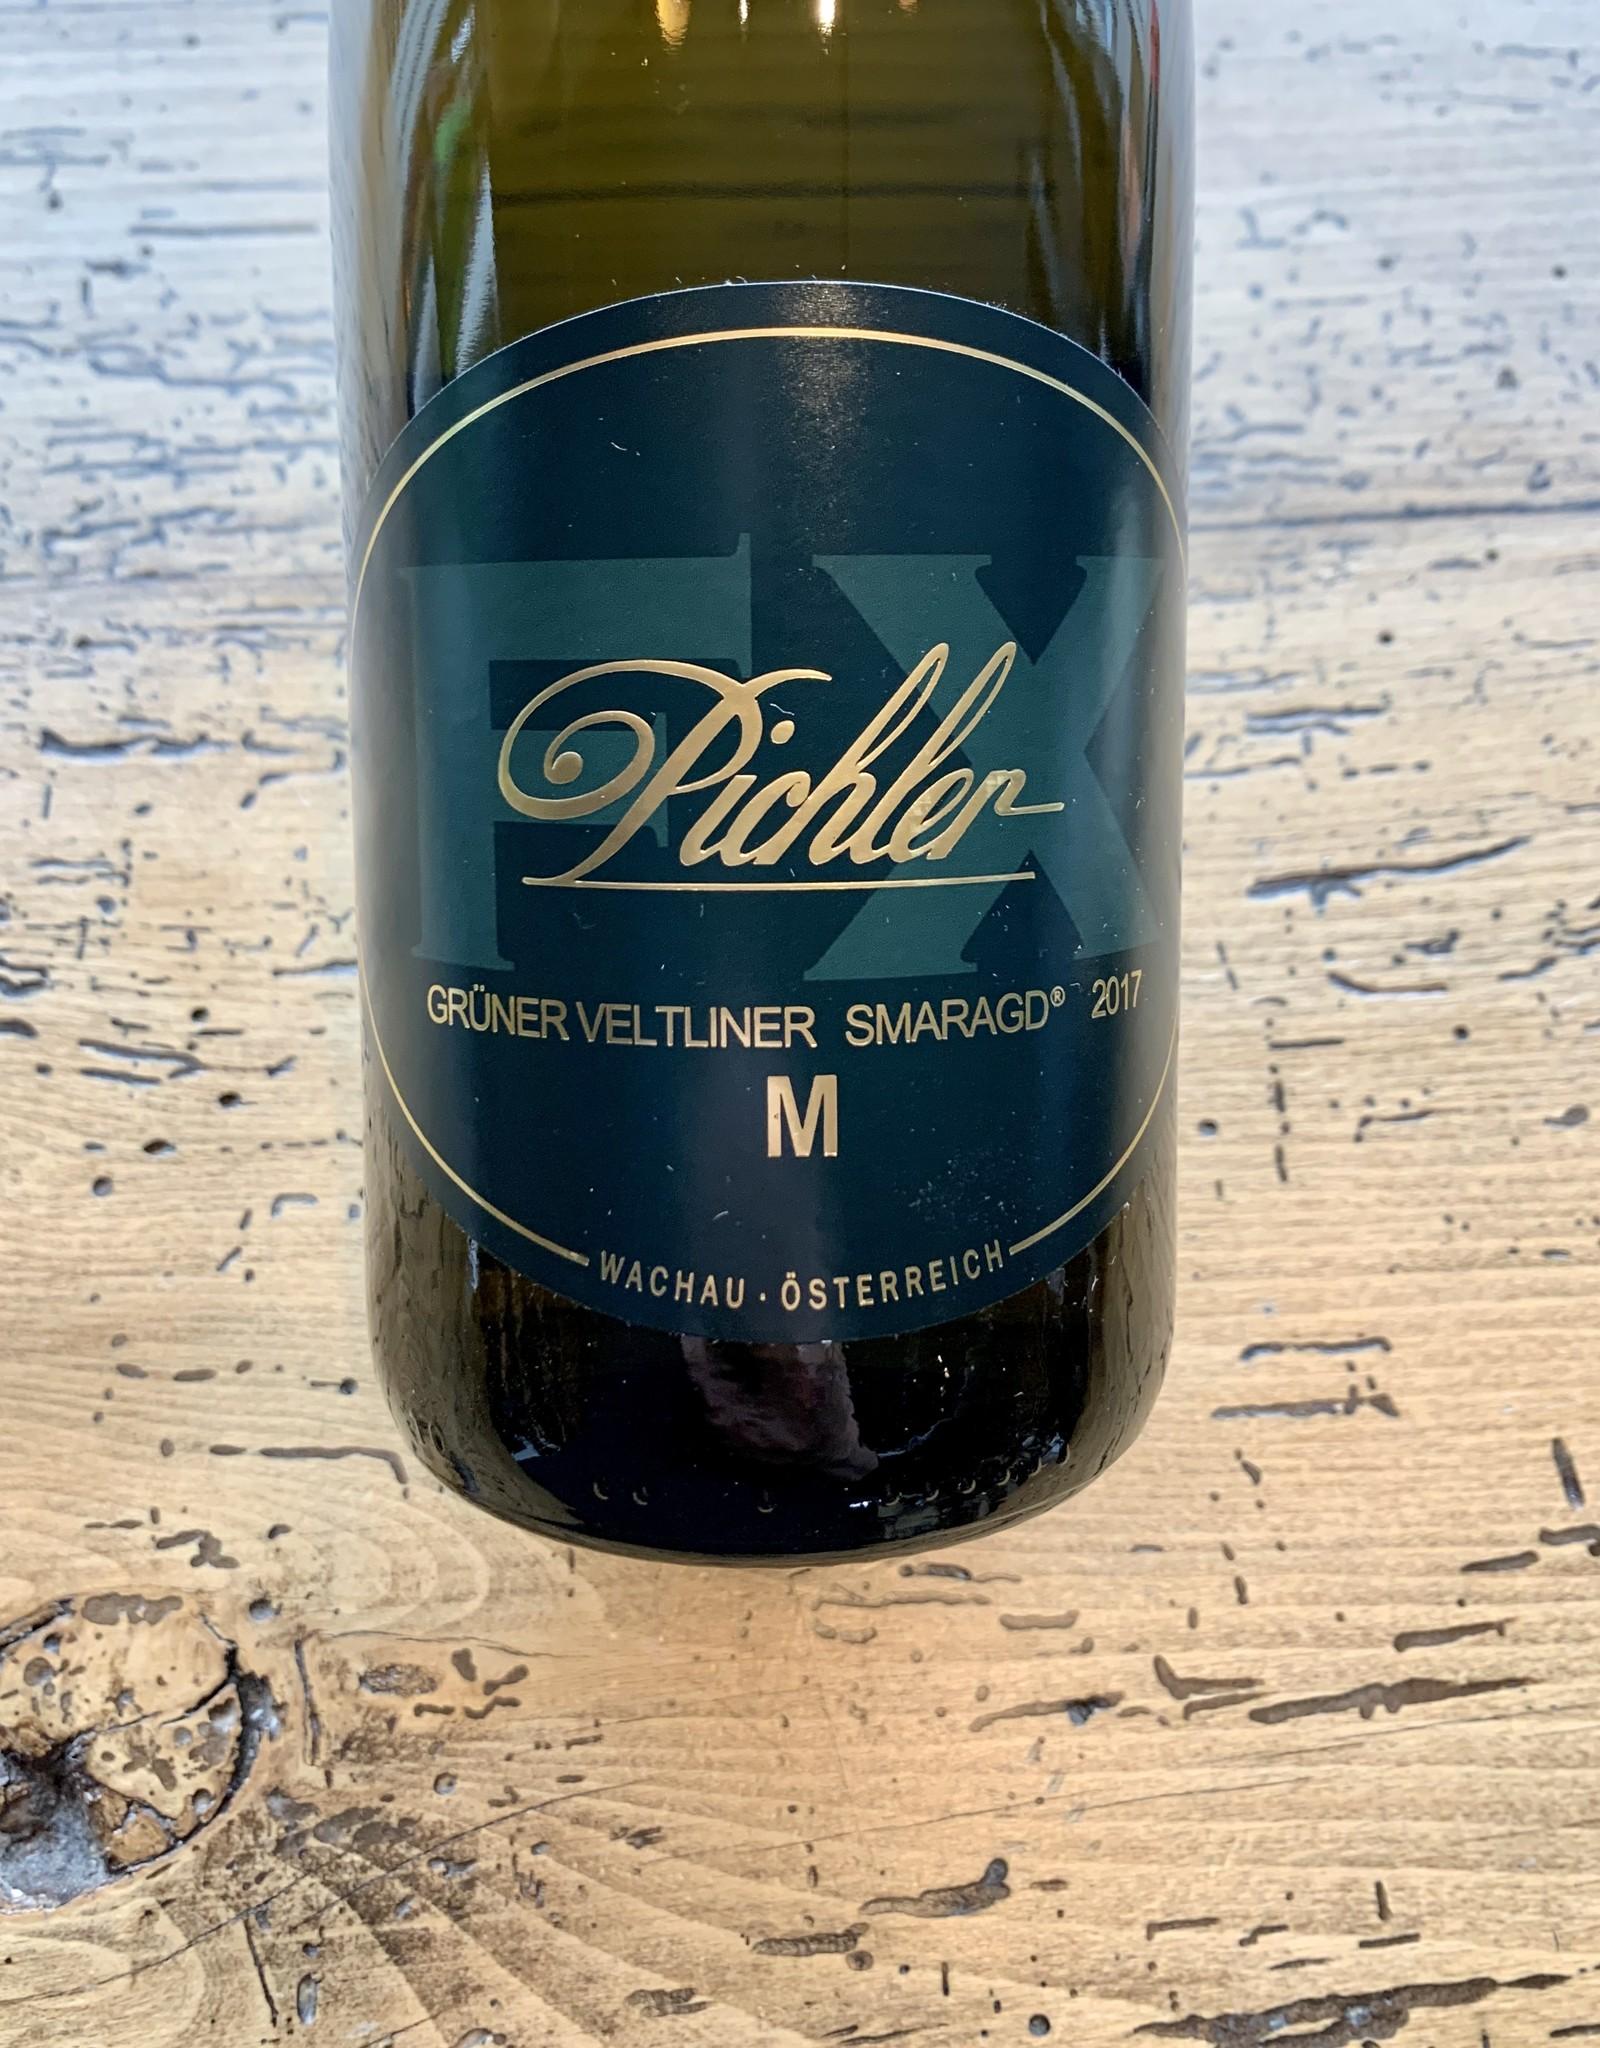 FX Pichler Gruner Veltliner Samaragd M